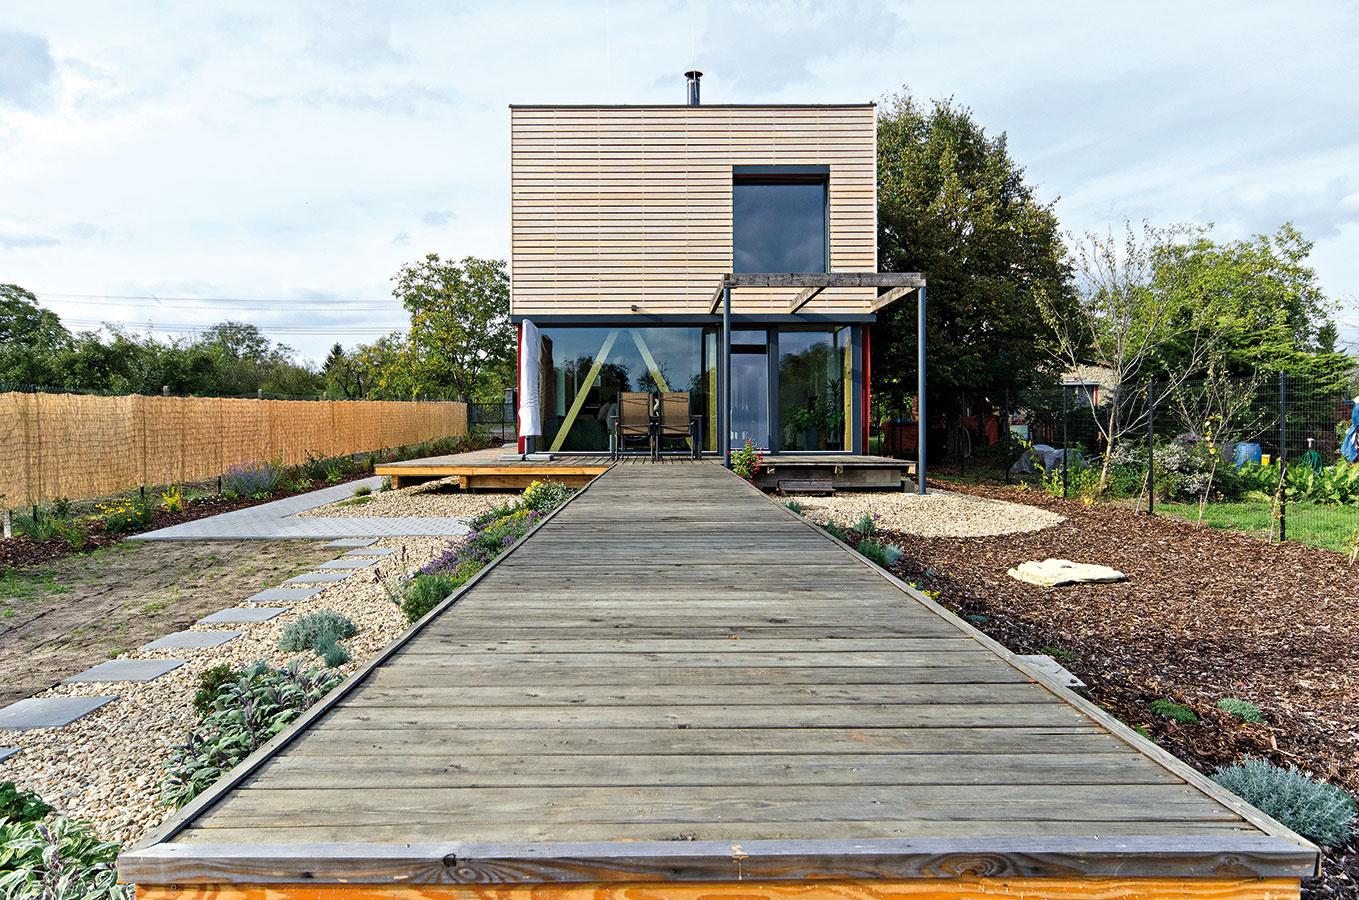 Prístup na pozemok vbývalej záhradkárskej kolónii mesta Hodonín je zo severu, zvýchodu azápadu ho ohraničujú ďalšie stavebné parcely asmerom na juh sa otvára dlhý priehľad do zelene okolitých záhrad. Dom je obrátený štedro zaskleným hlavným obytným priestorom práve ktomuto priehľadu.